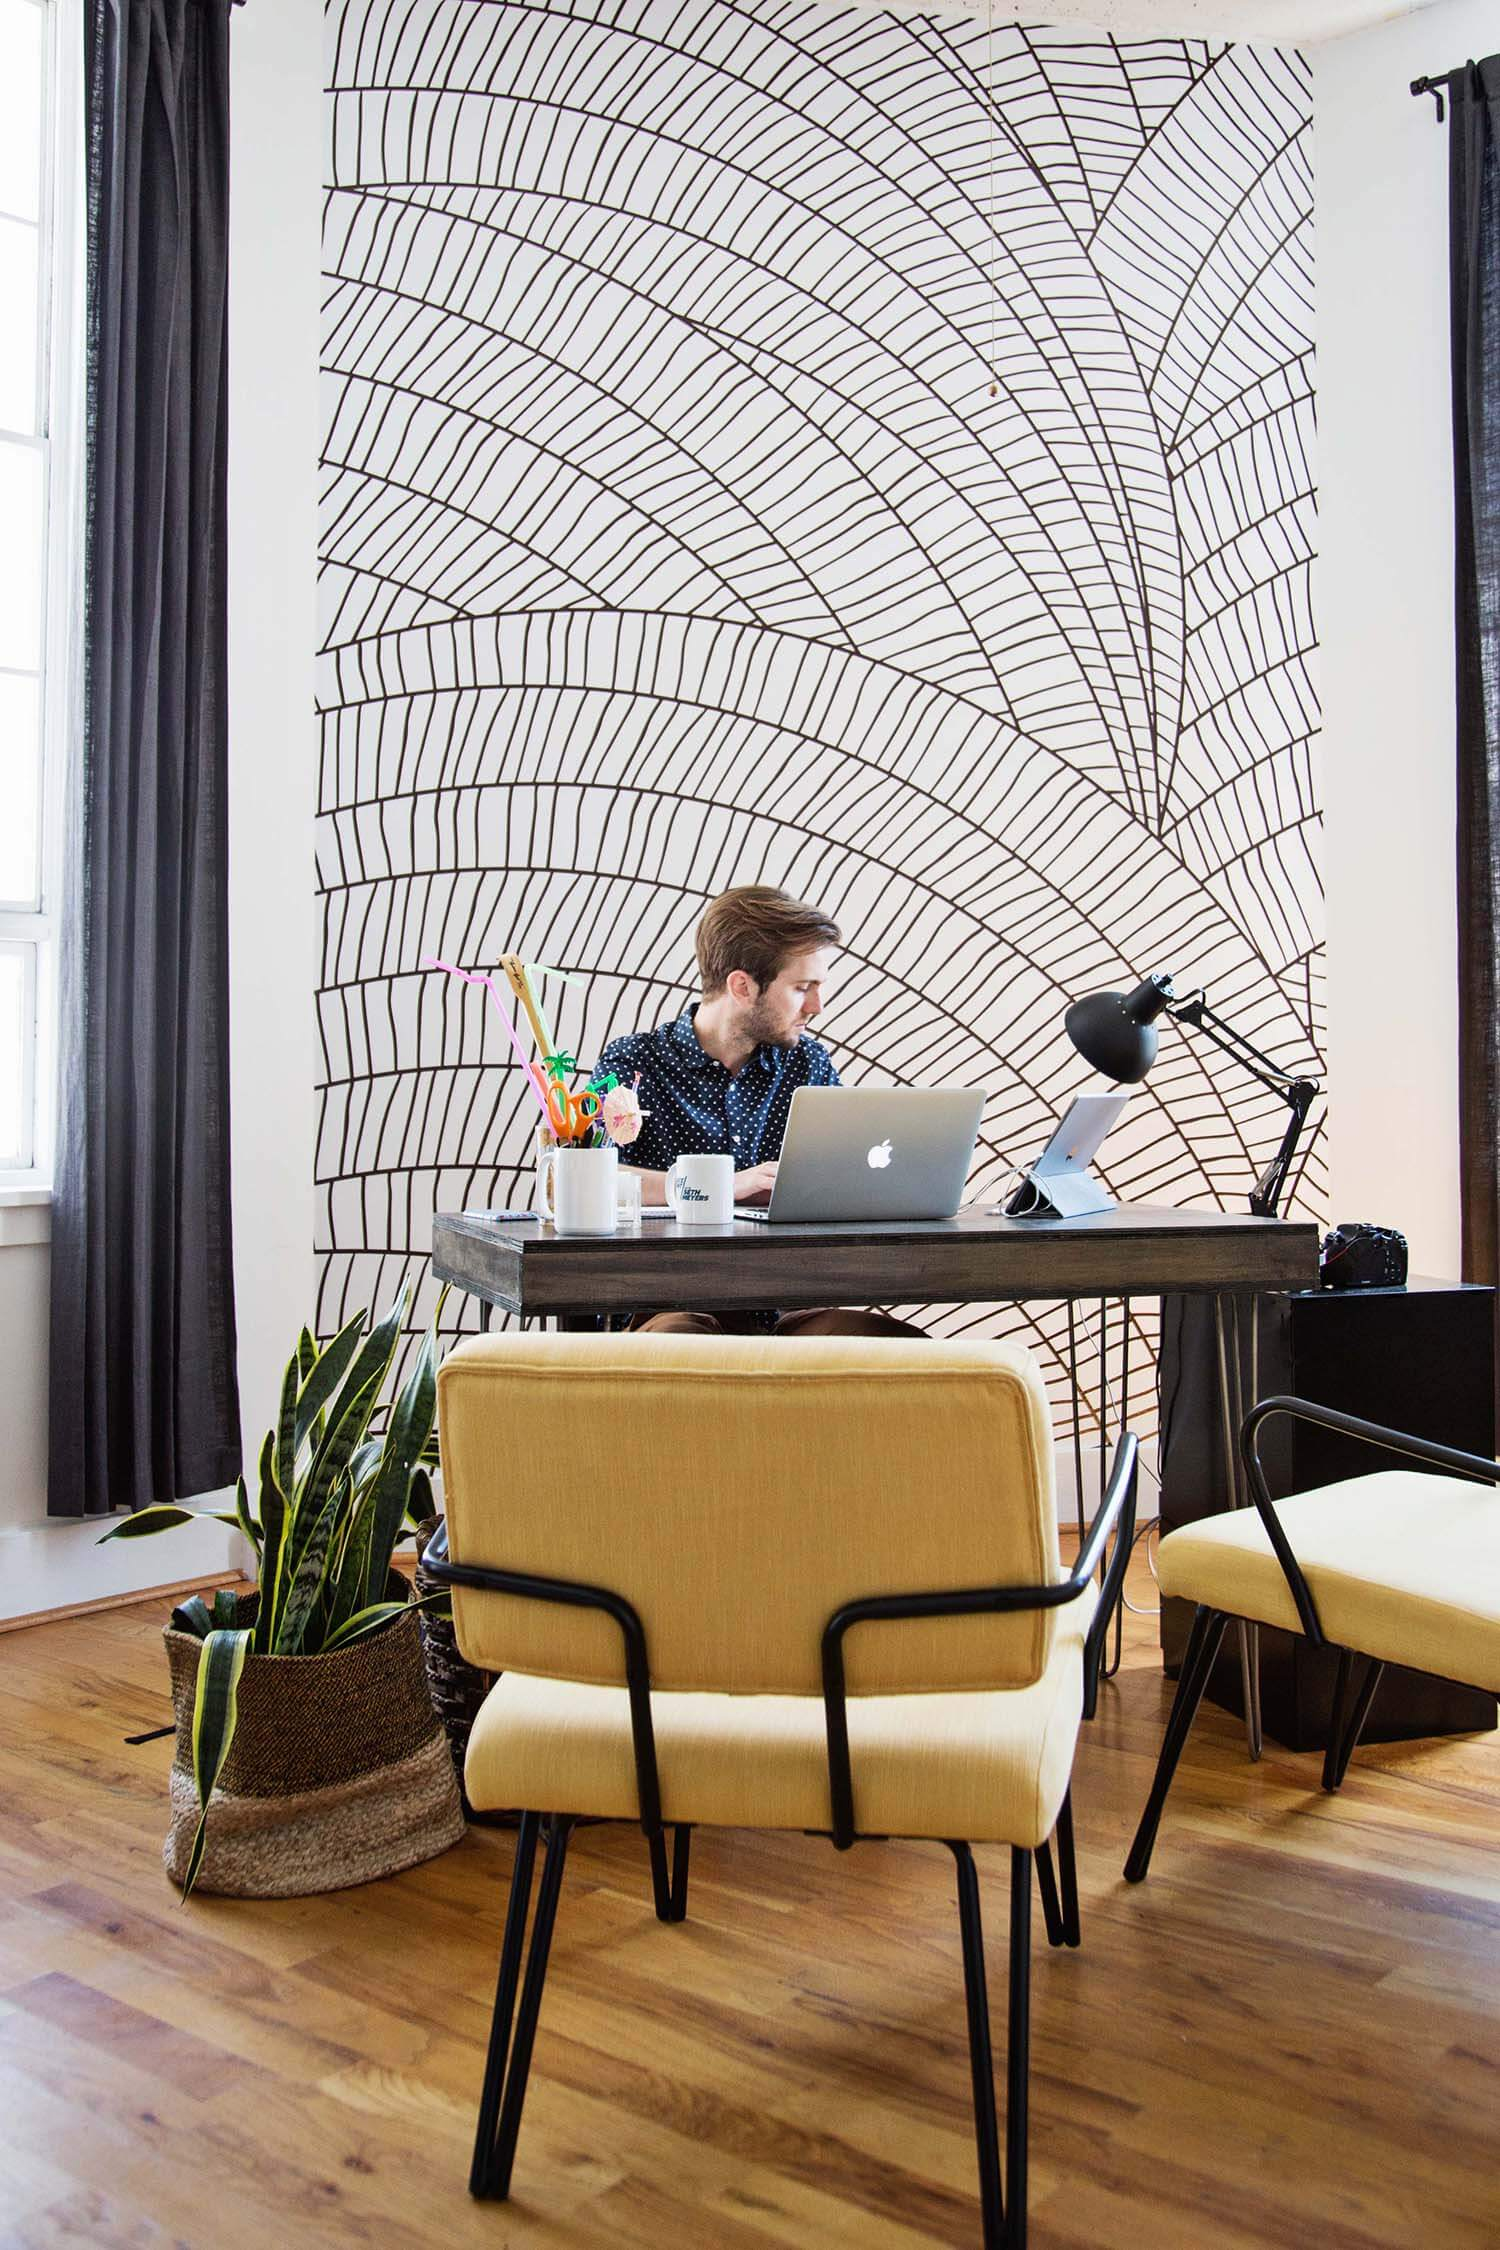 Trey's desk area